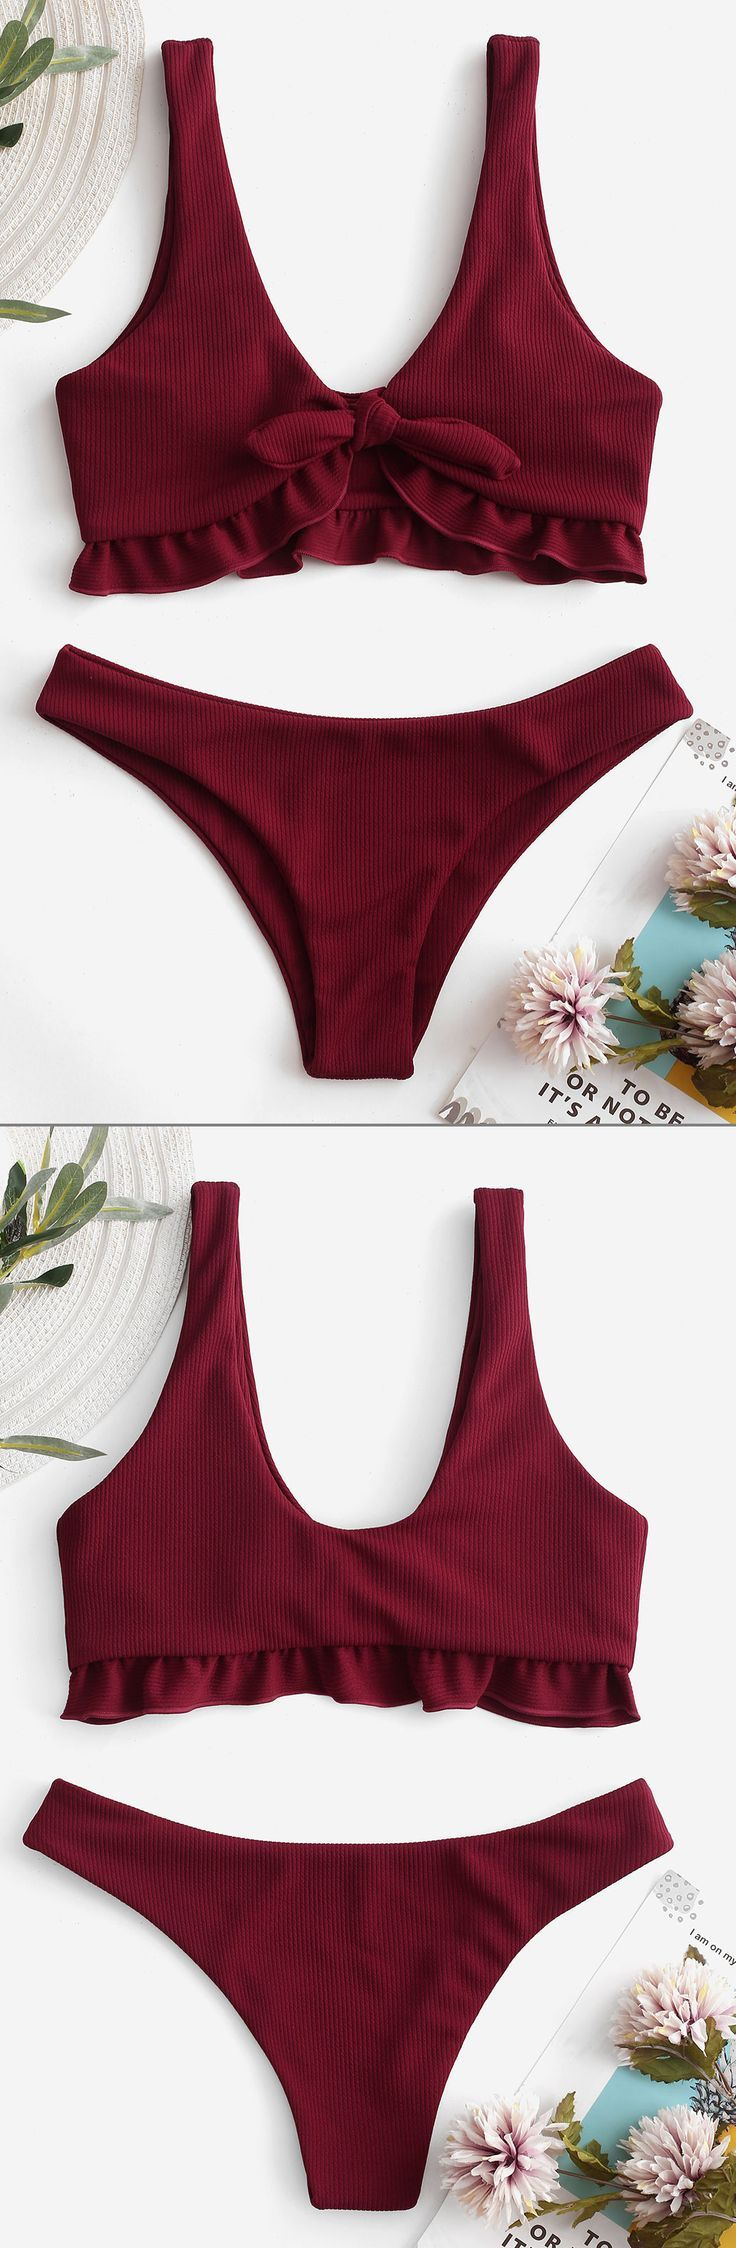 Bikini-Badeanzug mit gerippten Rüschen – #bestswimsuitsforsmallchests #Bikini #bikin …